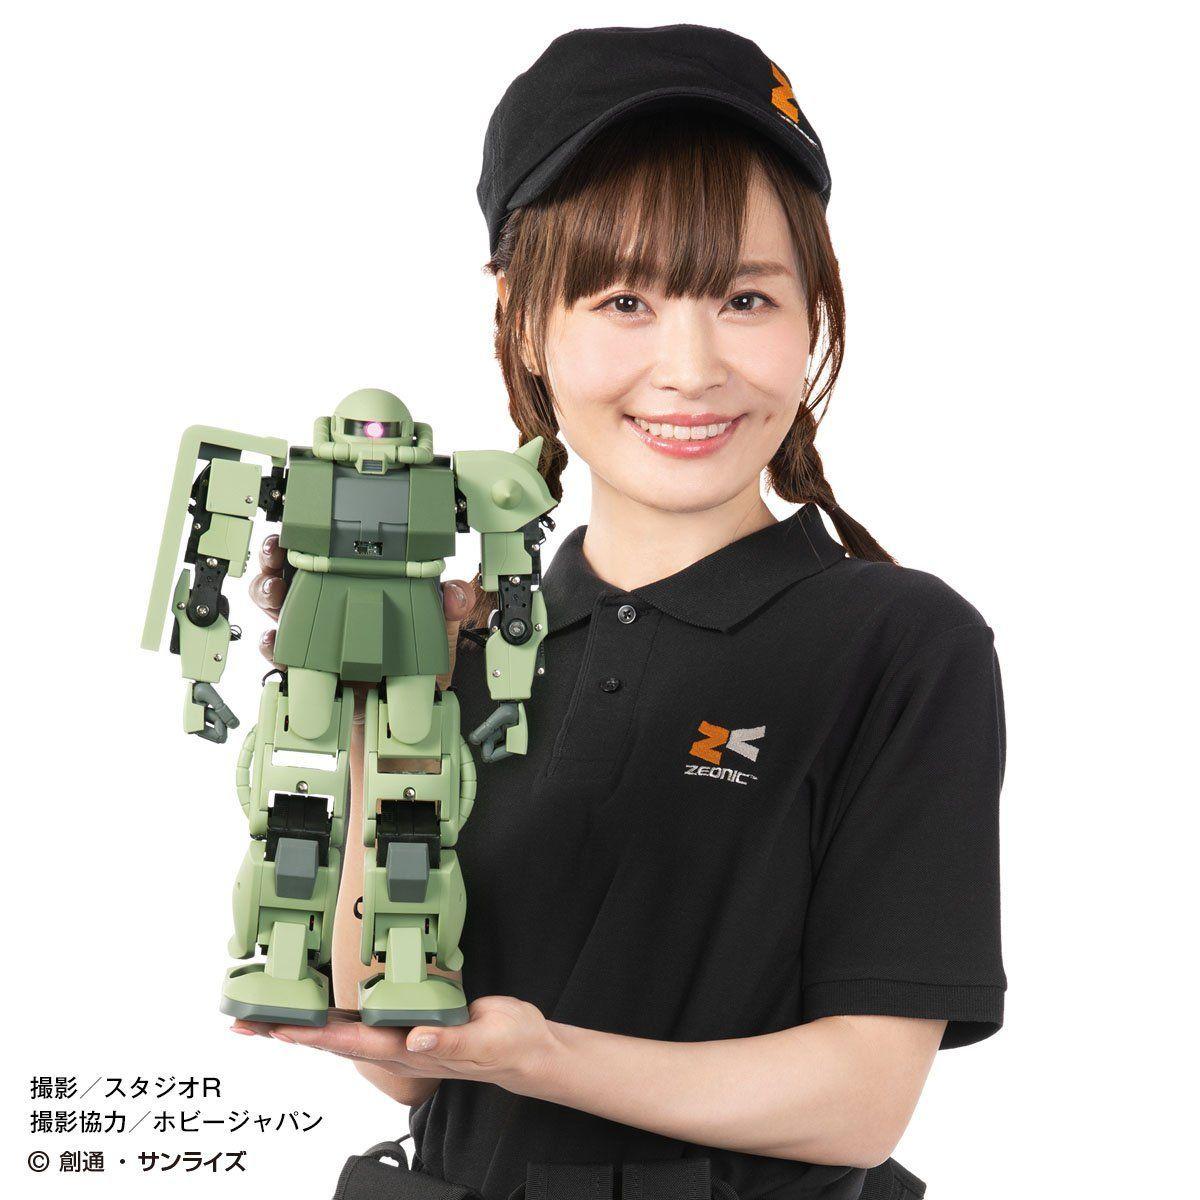 【限定販売】ジオニック社公式MS講習コース『EONIC TECHNICS(ジオニックテクニクス) Robotics and Programming CourseI』STEM学習教材-010